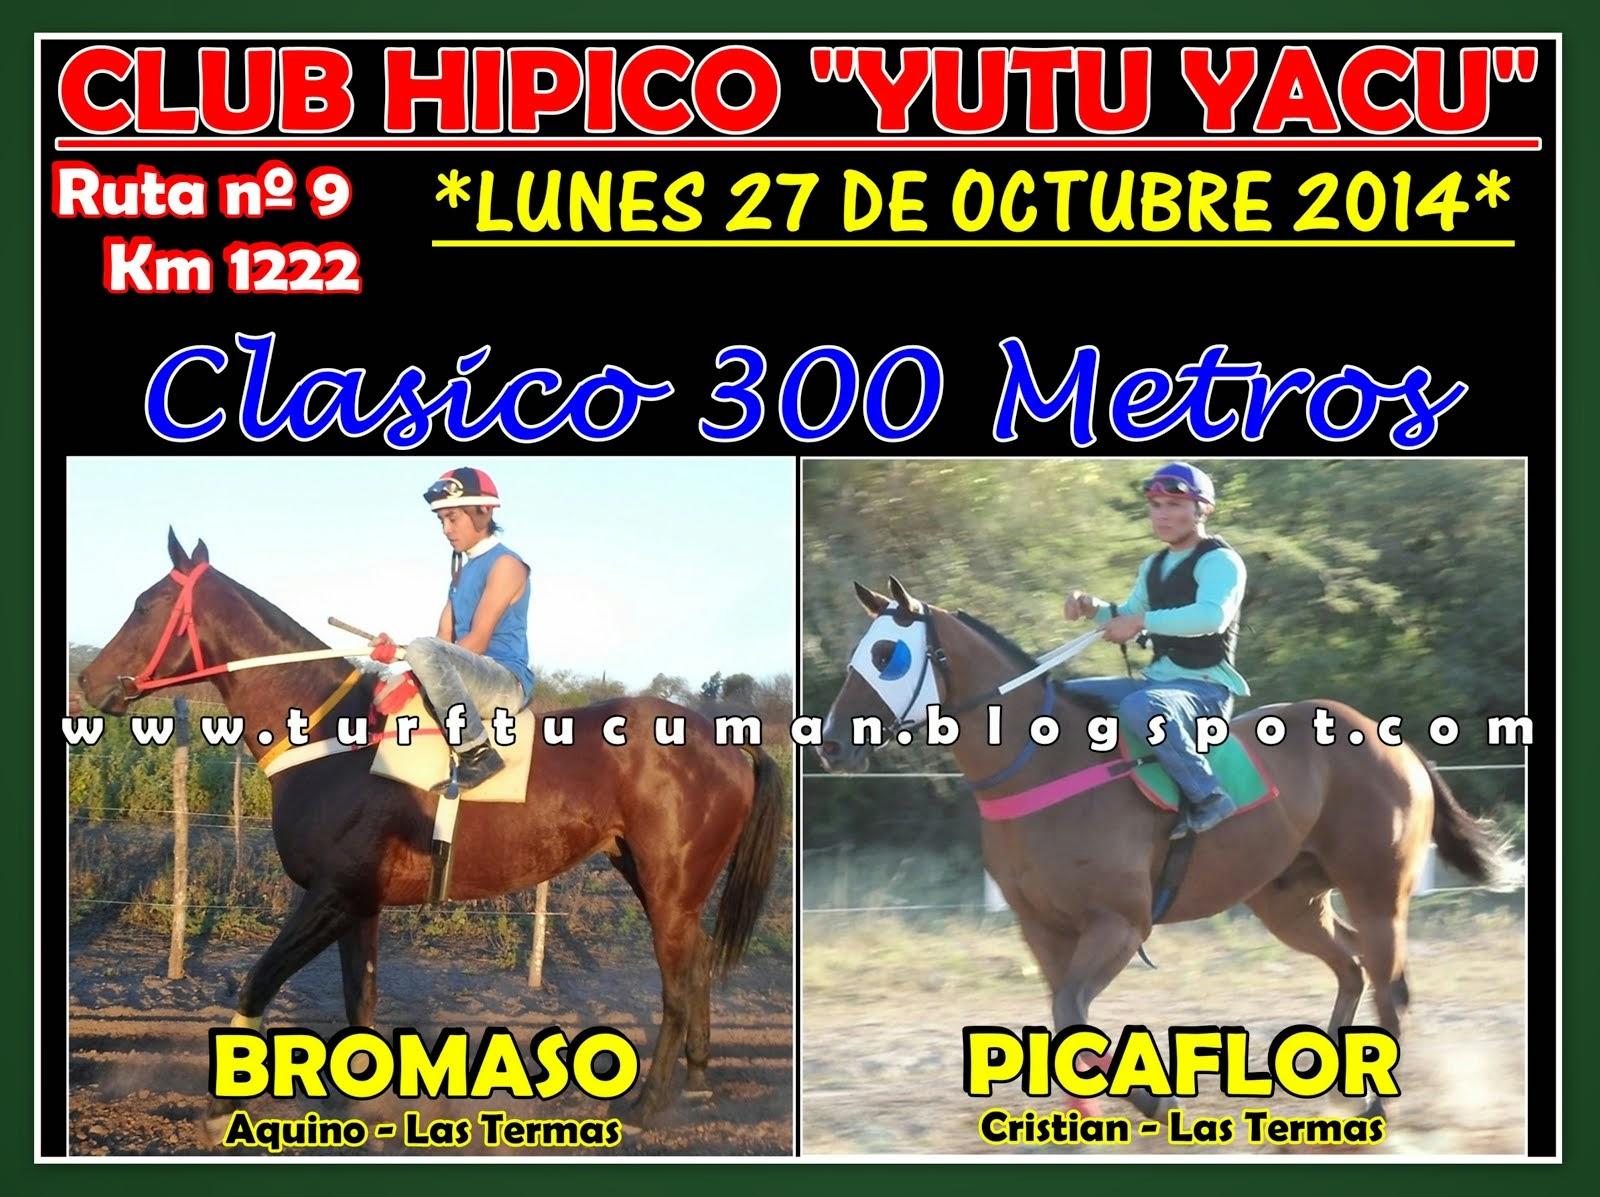 BROMASO VS PICAFLOR